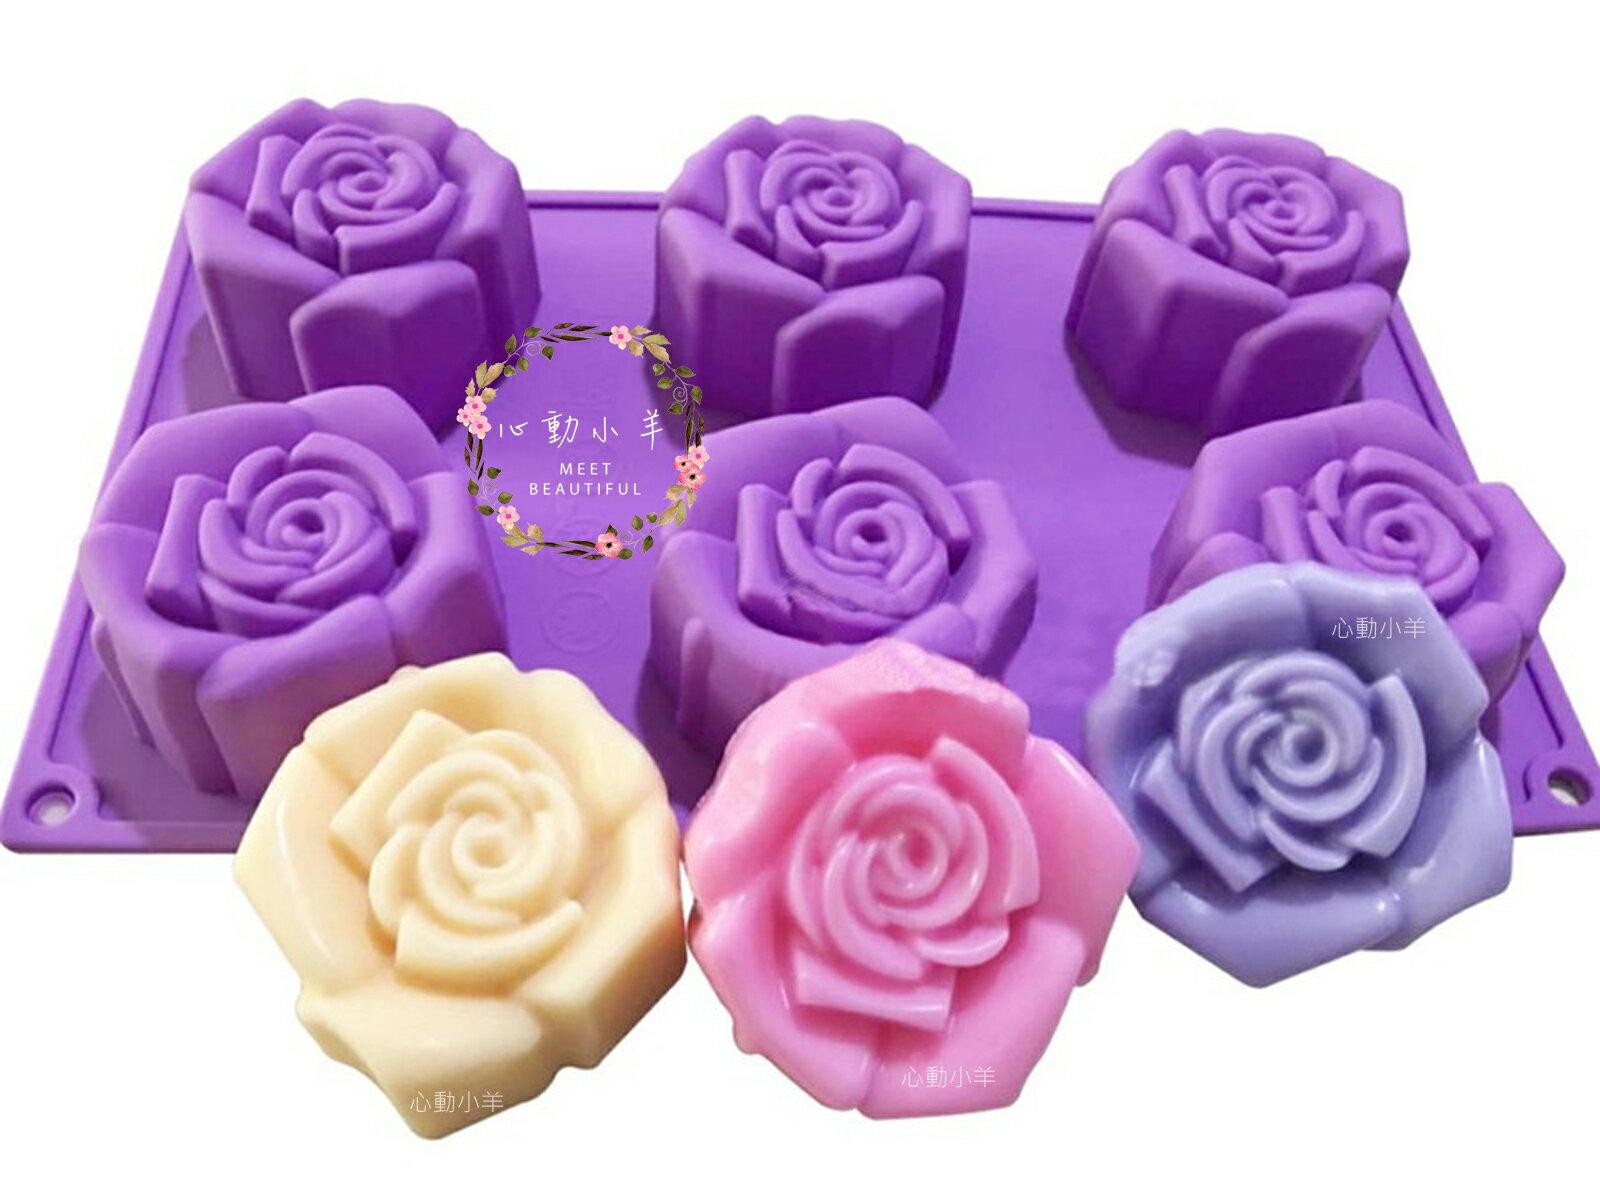 心動小羊^^六孔六連6孔6連新款仿真玫瑰矽膠模巧克力模具 蛋糕模 手工皂 矽膠模具 製冰盒 果凍盒 皂模